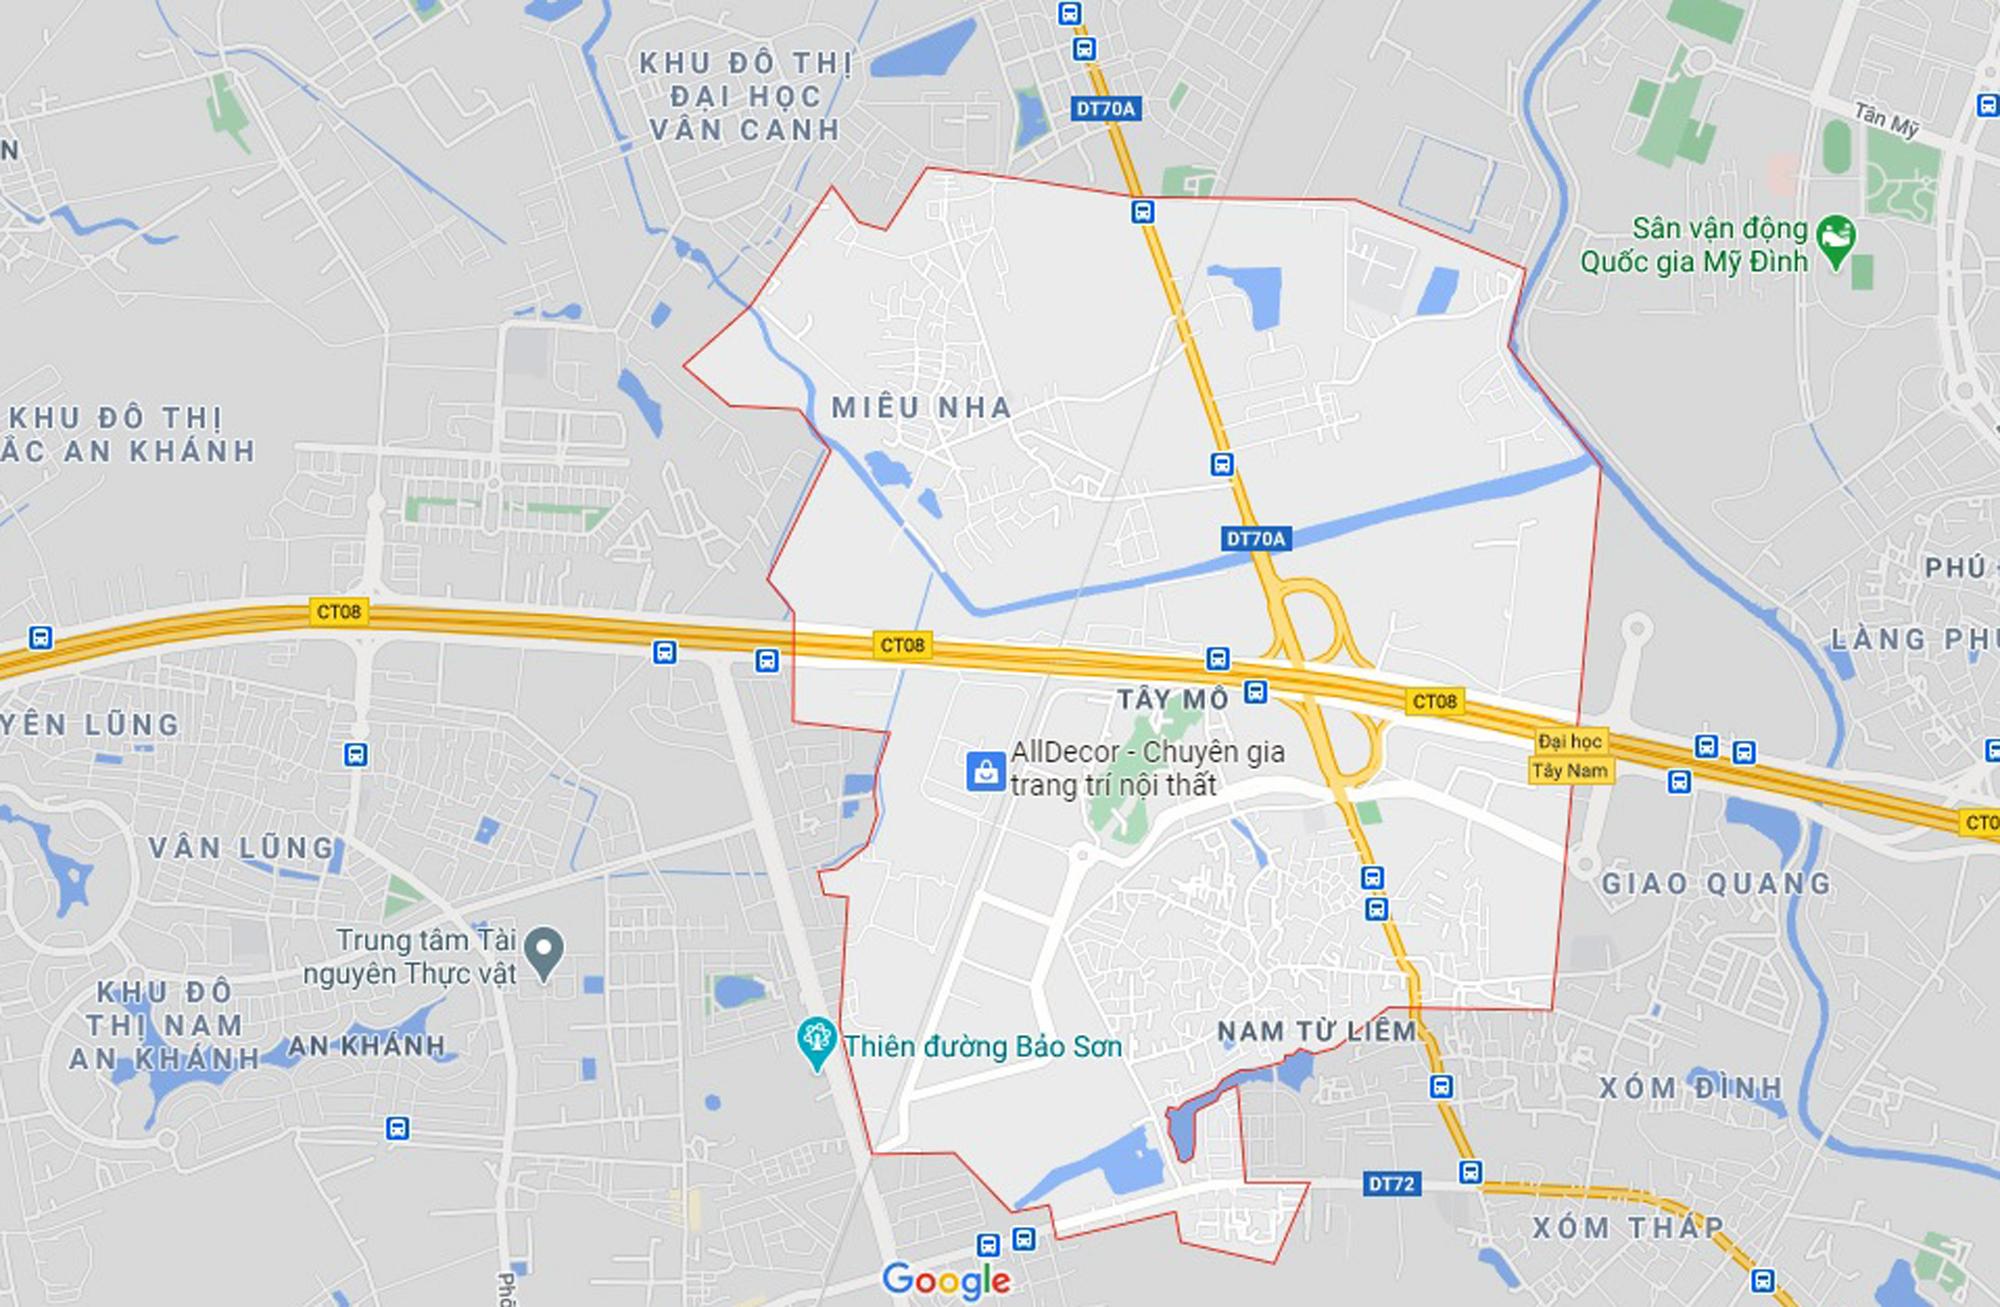 Những khu đất sắp thu hồi để mở đường ở phường Tây Mỗ, Nam Từ Liêm, Hà Nội (phần 2) - Ảnh 1.